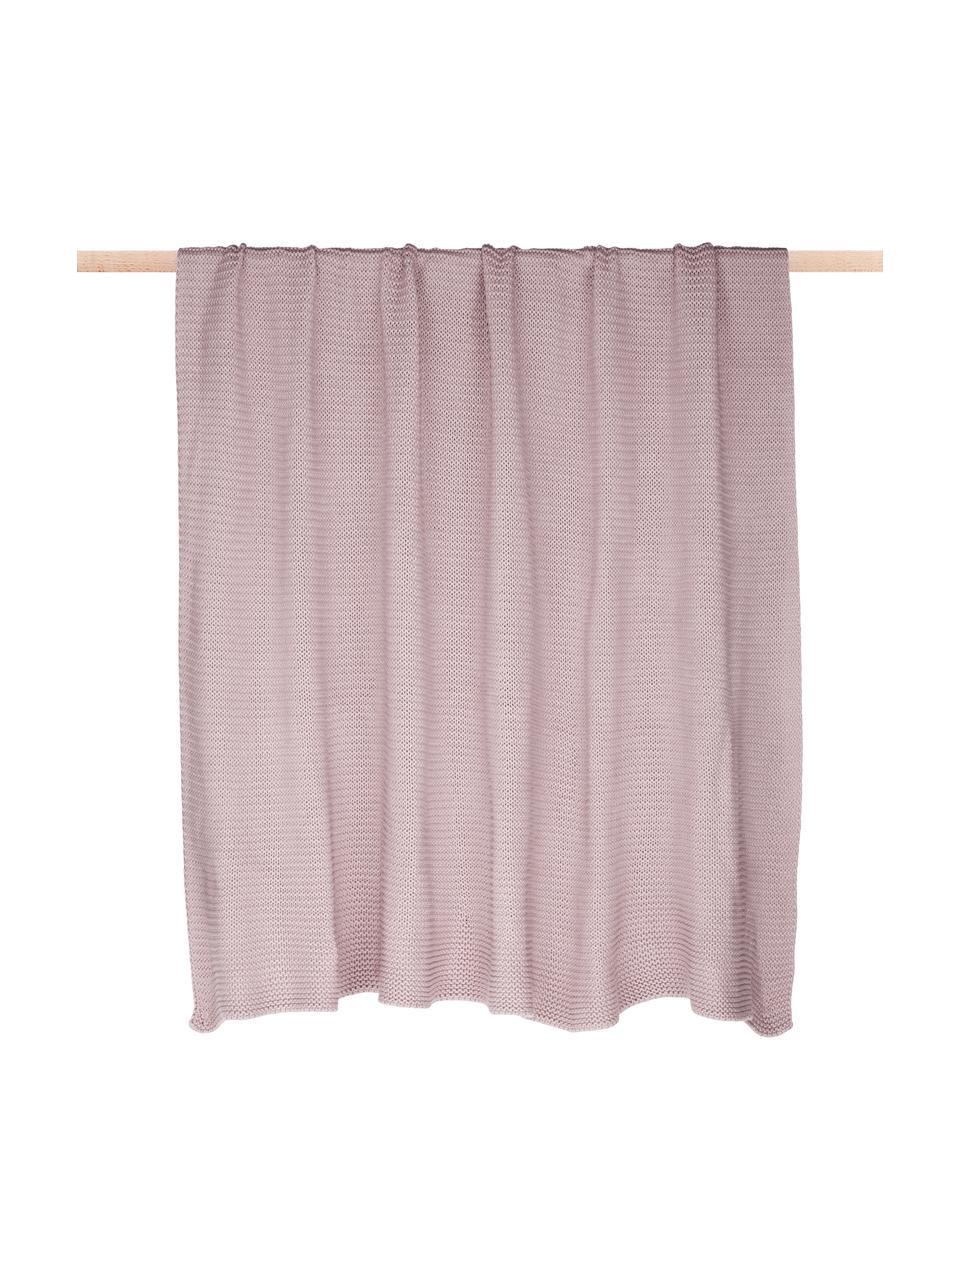 Plaid a maglia in cotone biologico rosa cipria Adalyn, 100% cotone biologico, certificato GOTS, Rosa cipria, Larg. 150 x Lung. 200 cm